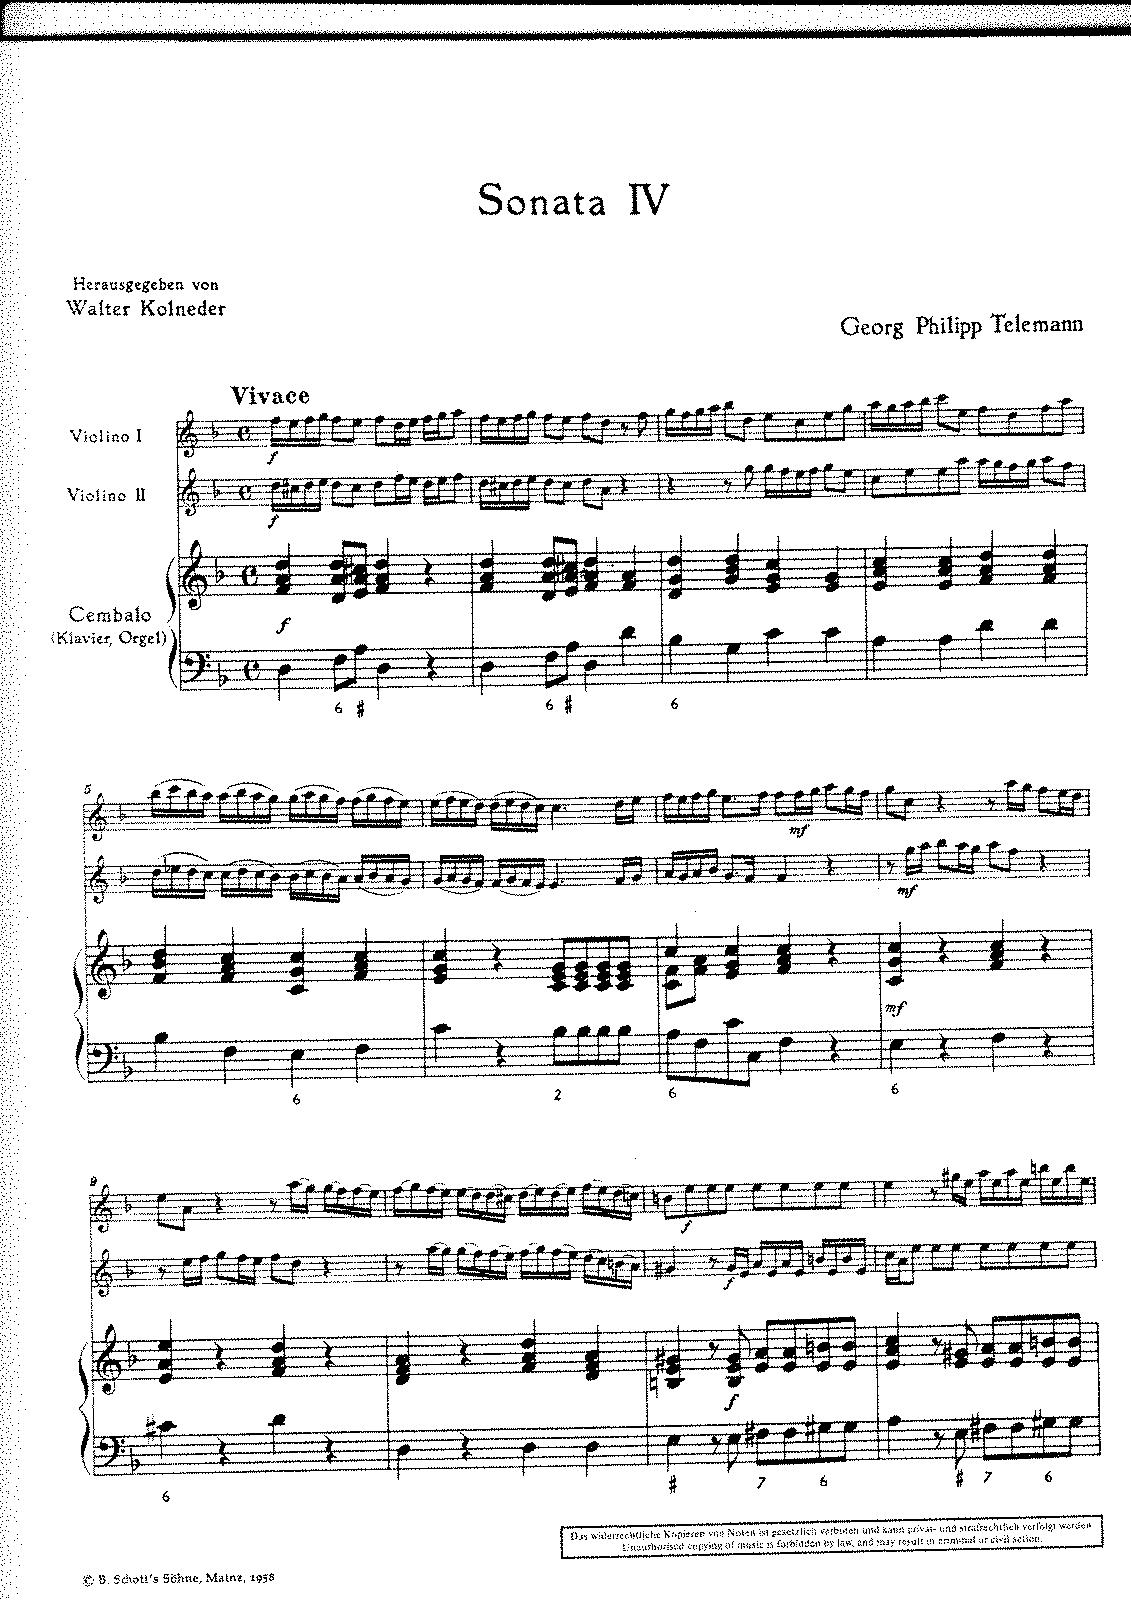 Trio sonata twv 42d2 telemann georg philipp imslppetrucci sheet music hexwebz Choice Image